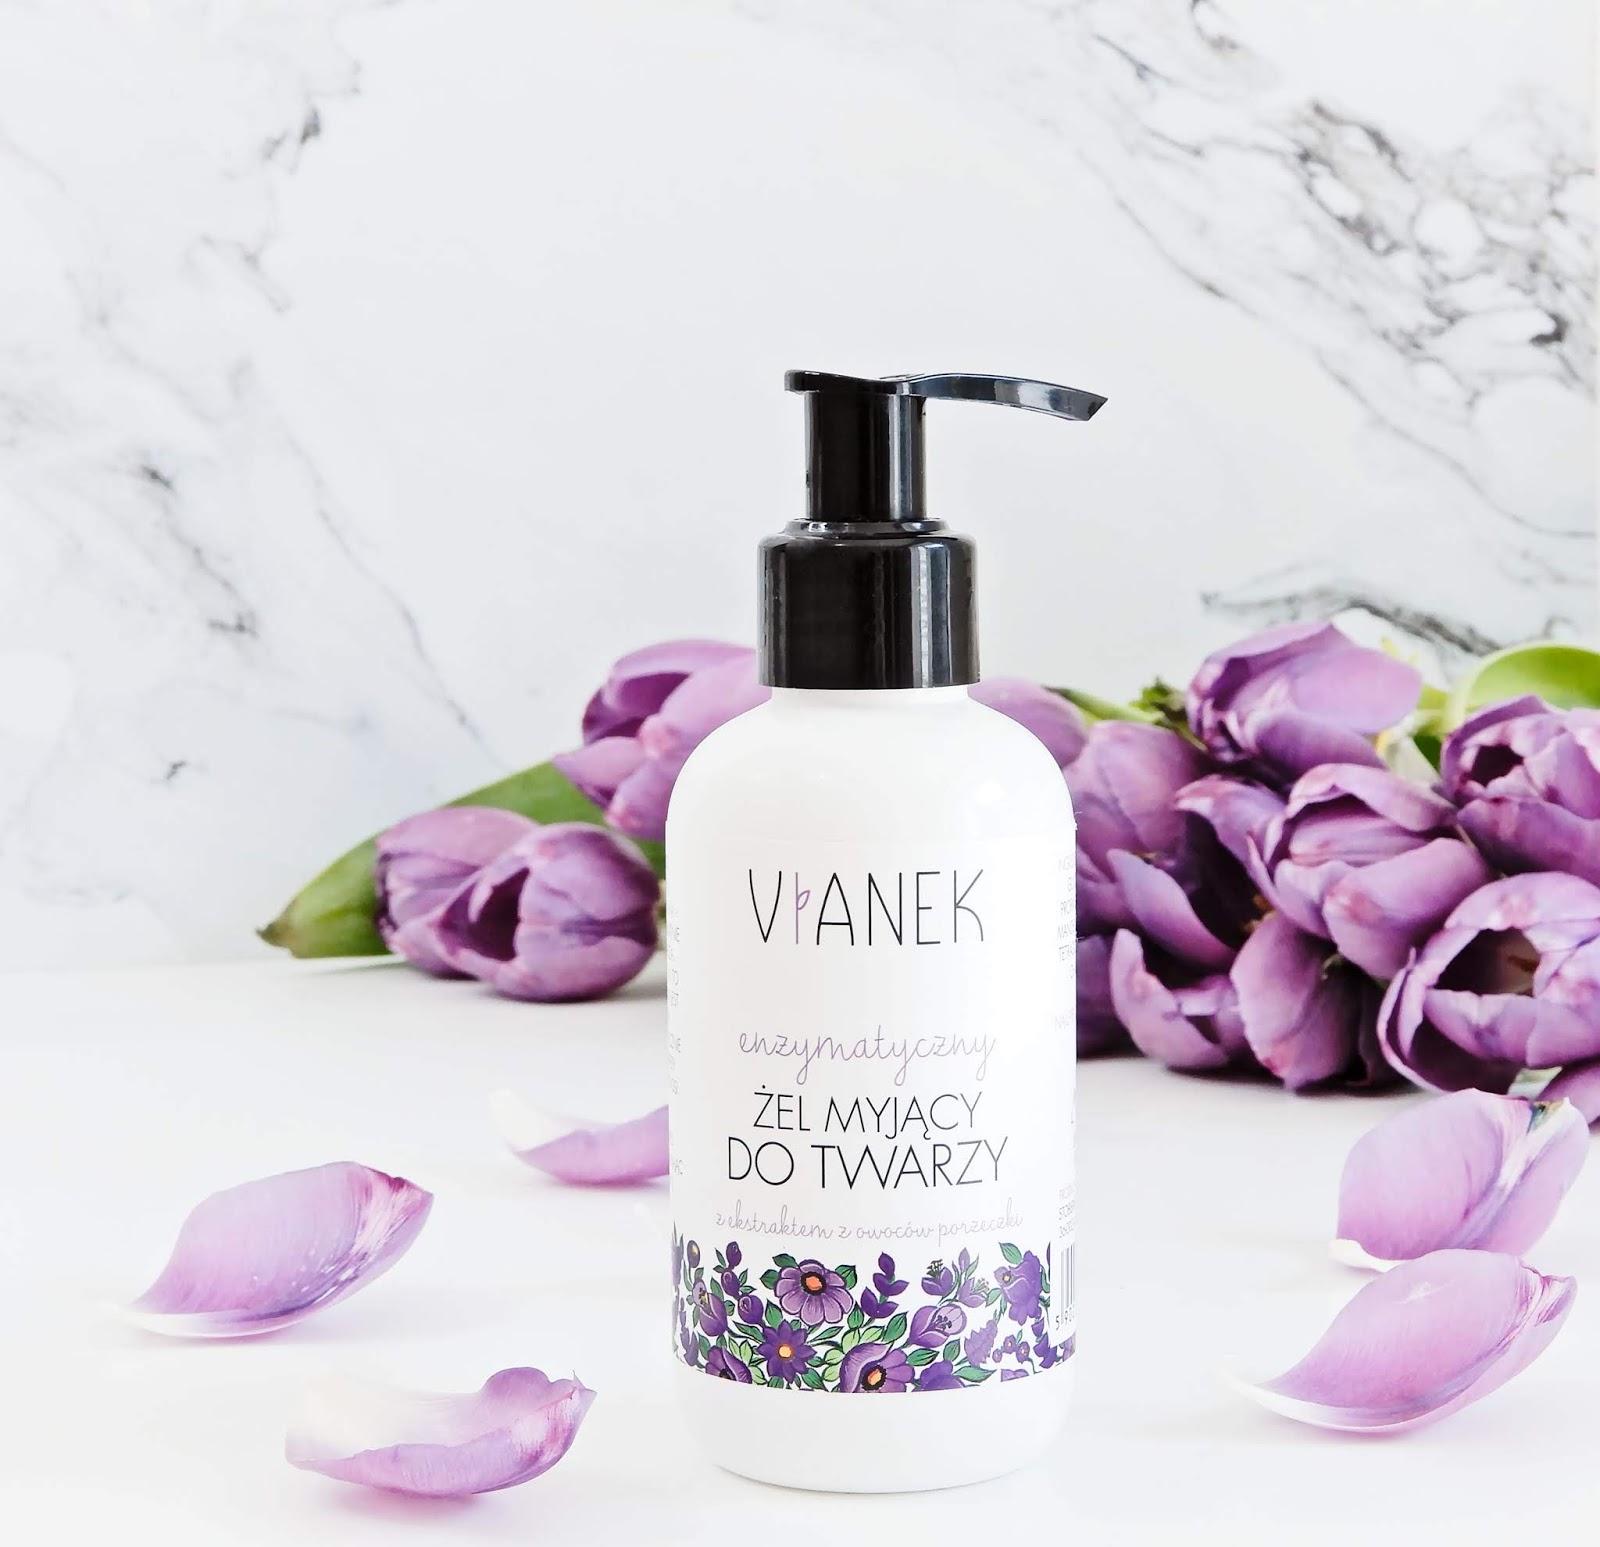 Vianek enzymatyczny żel myjący do twarzy, Vianek żel enzymatyczny, żel vianek, vianek seria fioletowa, vianek seria wzmacniająca, vianek seria kojąca,